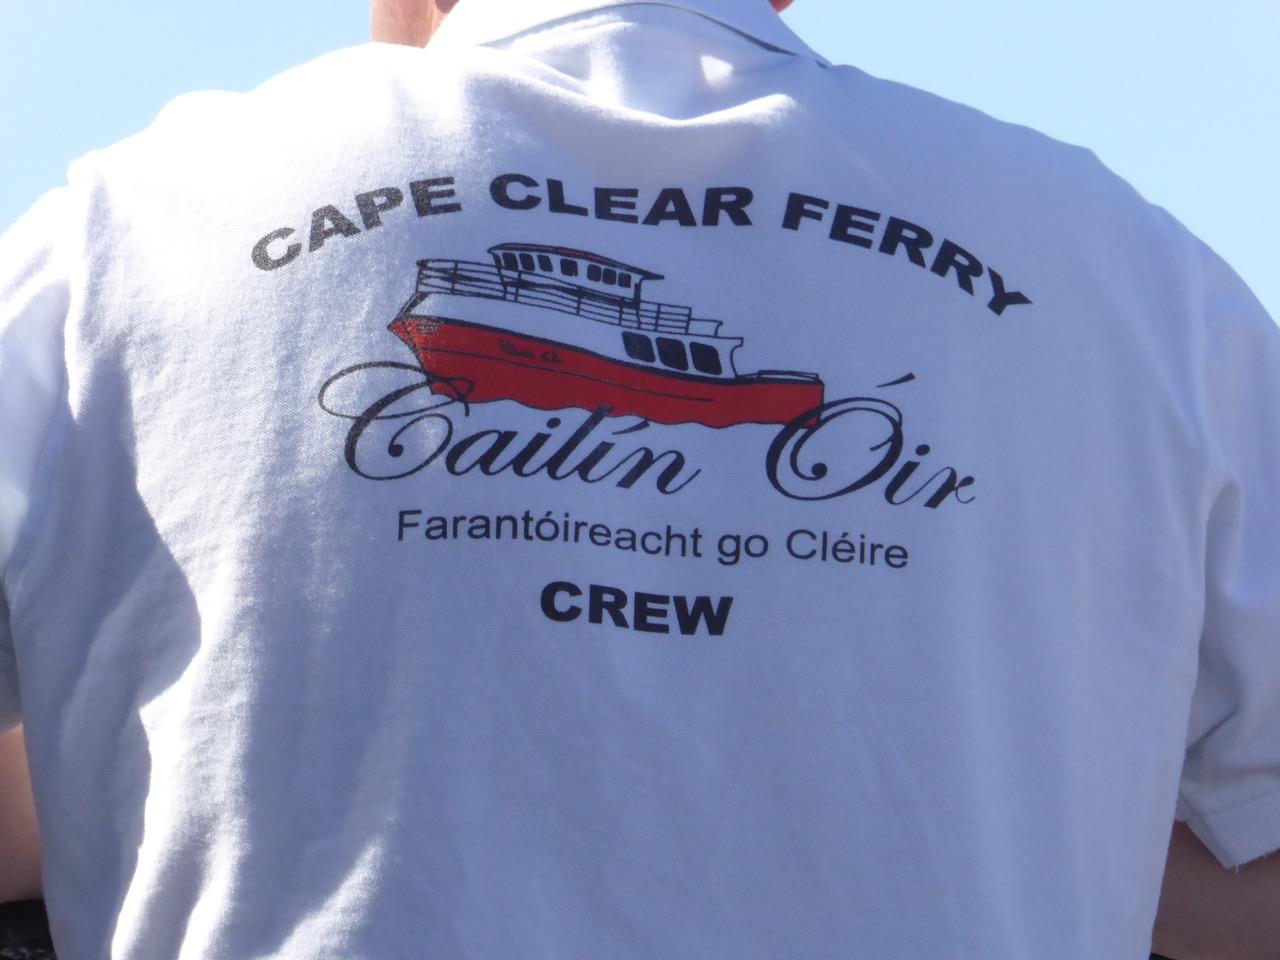 Cape Clear Ferryman